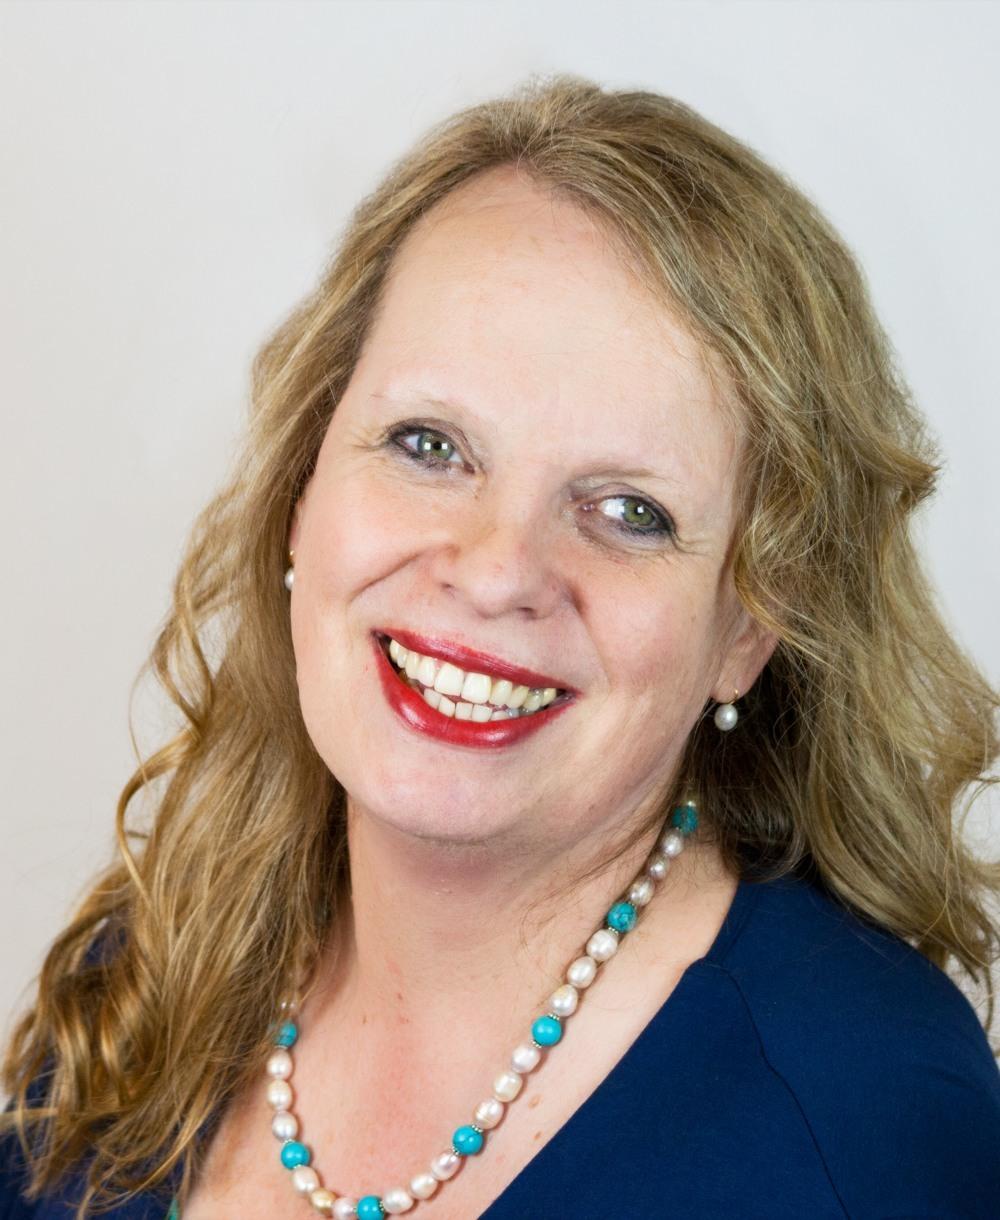 Bernhild Jahn, Energetikerin, Autorin, Dozentin - BetterLife-Akademie